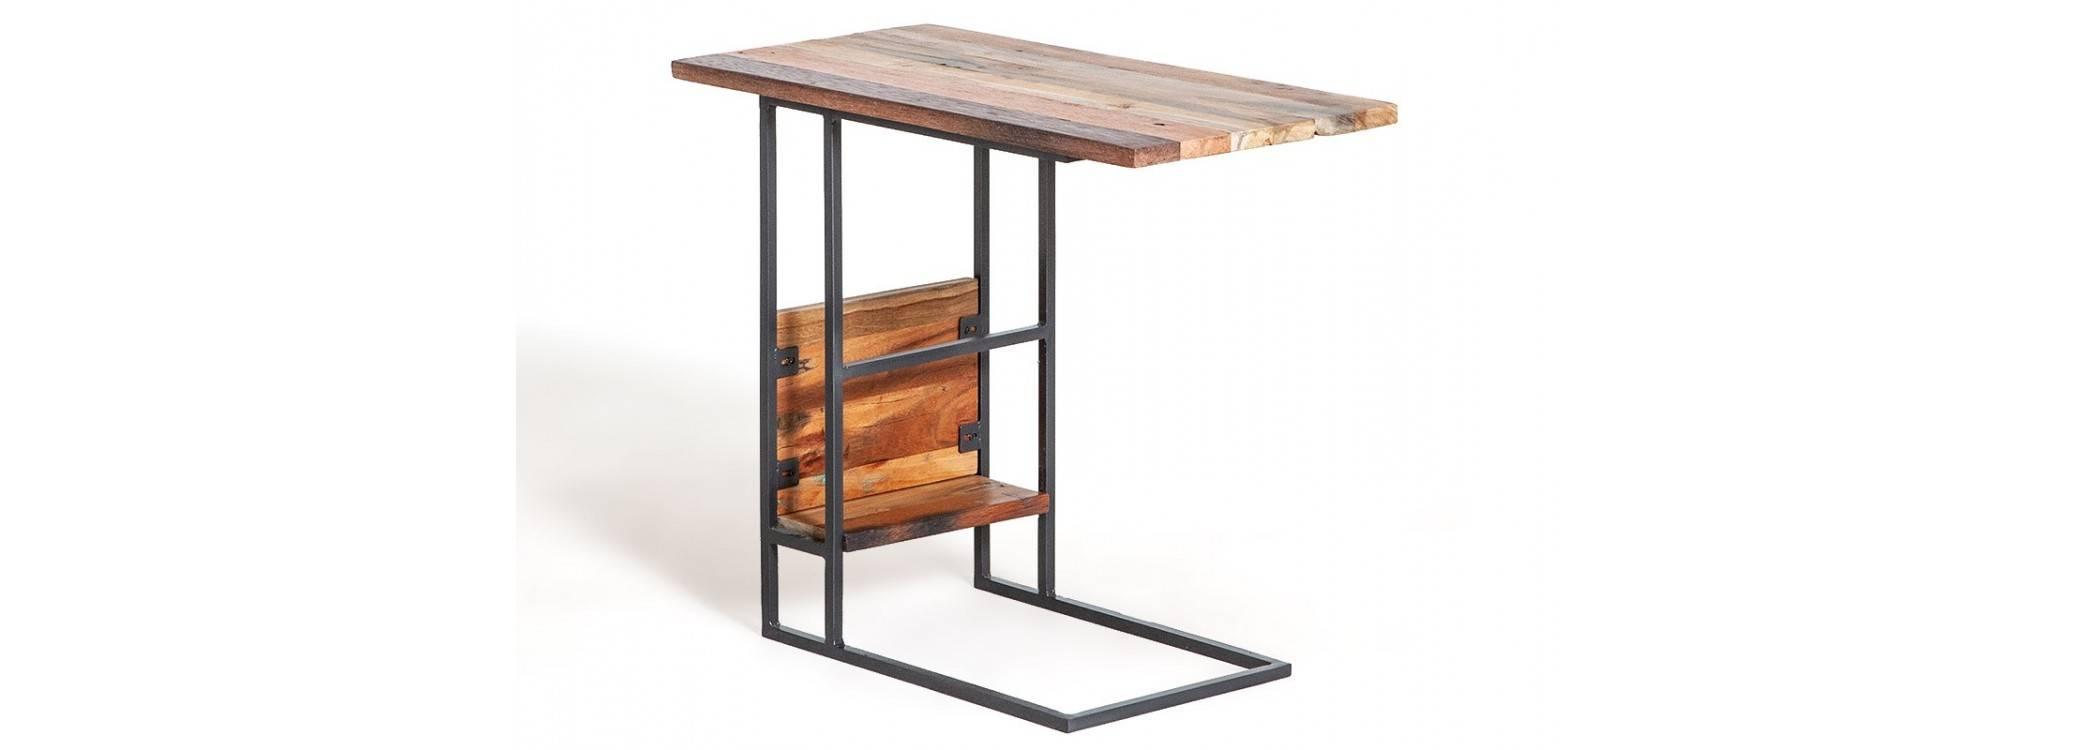 Table d'appoint / bout de canapé Improvement